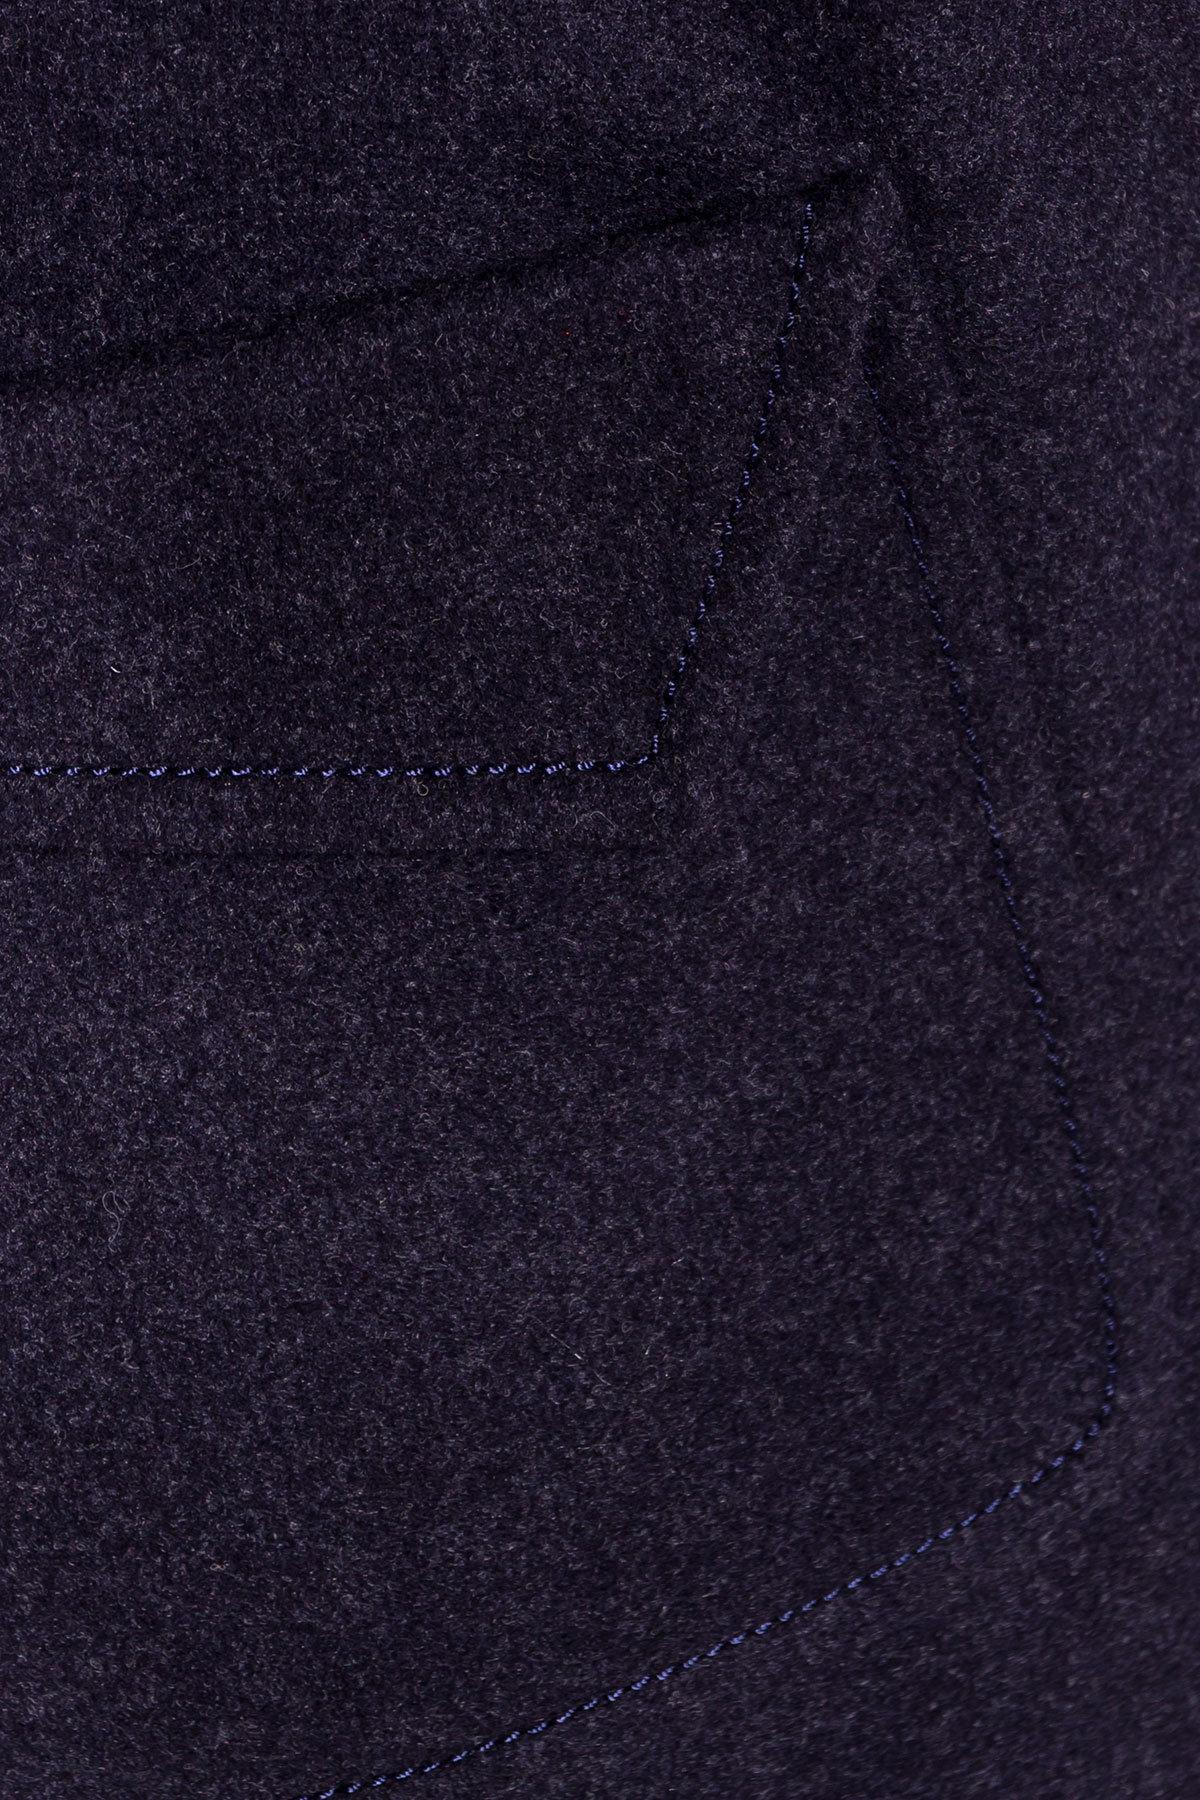 Демисезонное пальто с воротником стойка Эста 5417 АРТ. 36786 Цвет: Темно-синий - фото 5, интернет магазин tm-modus.ru